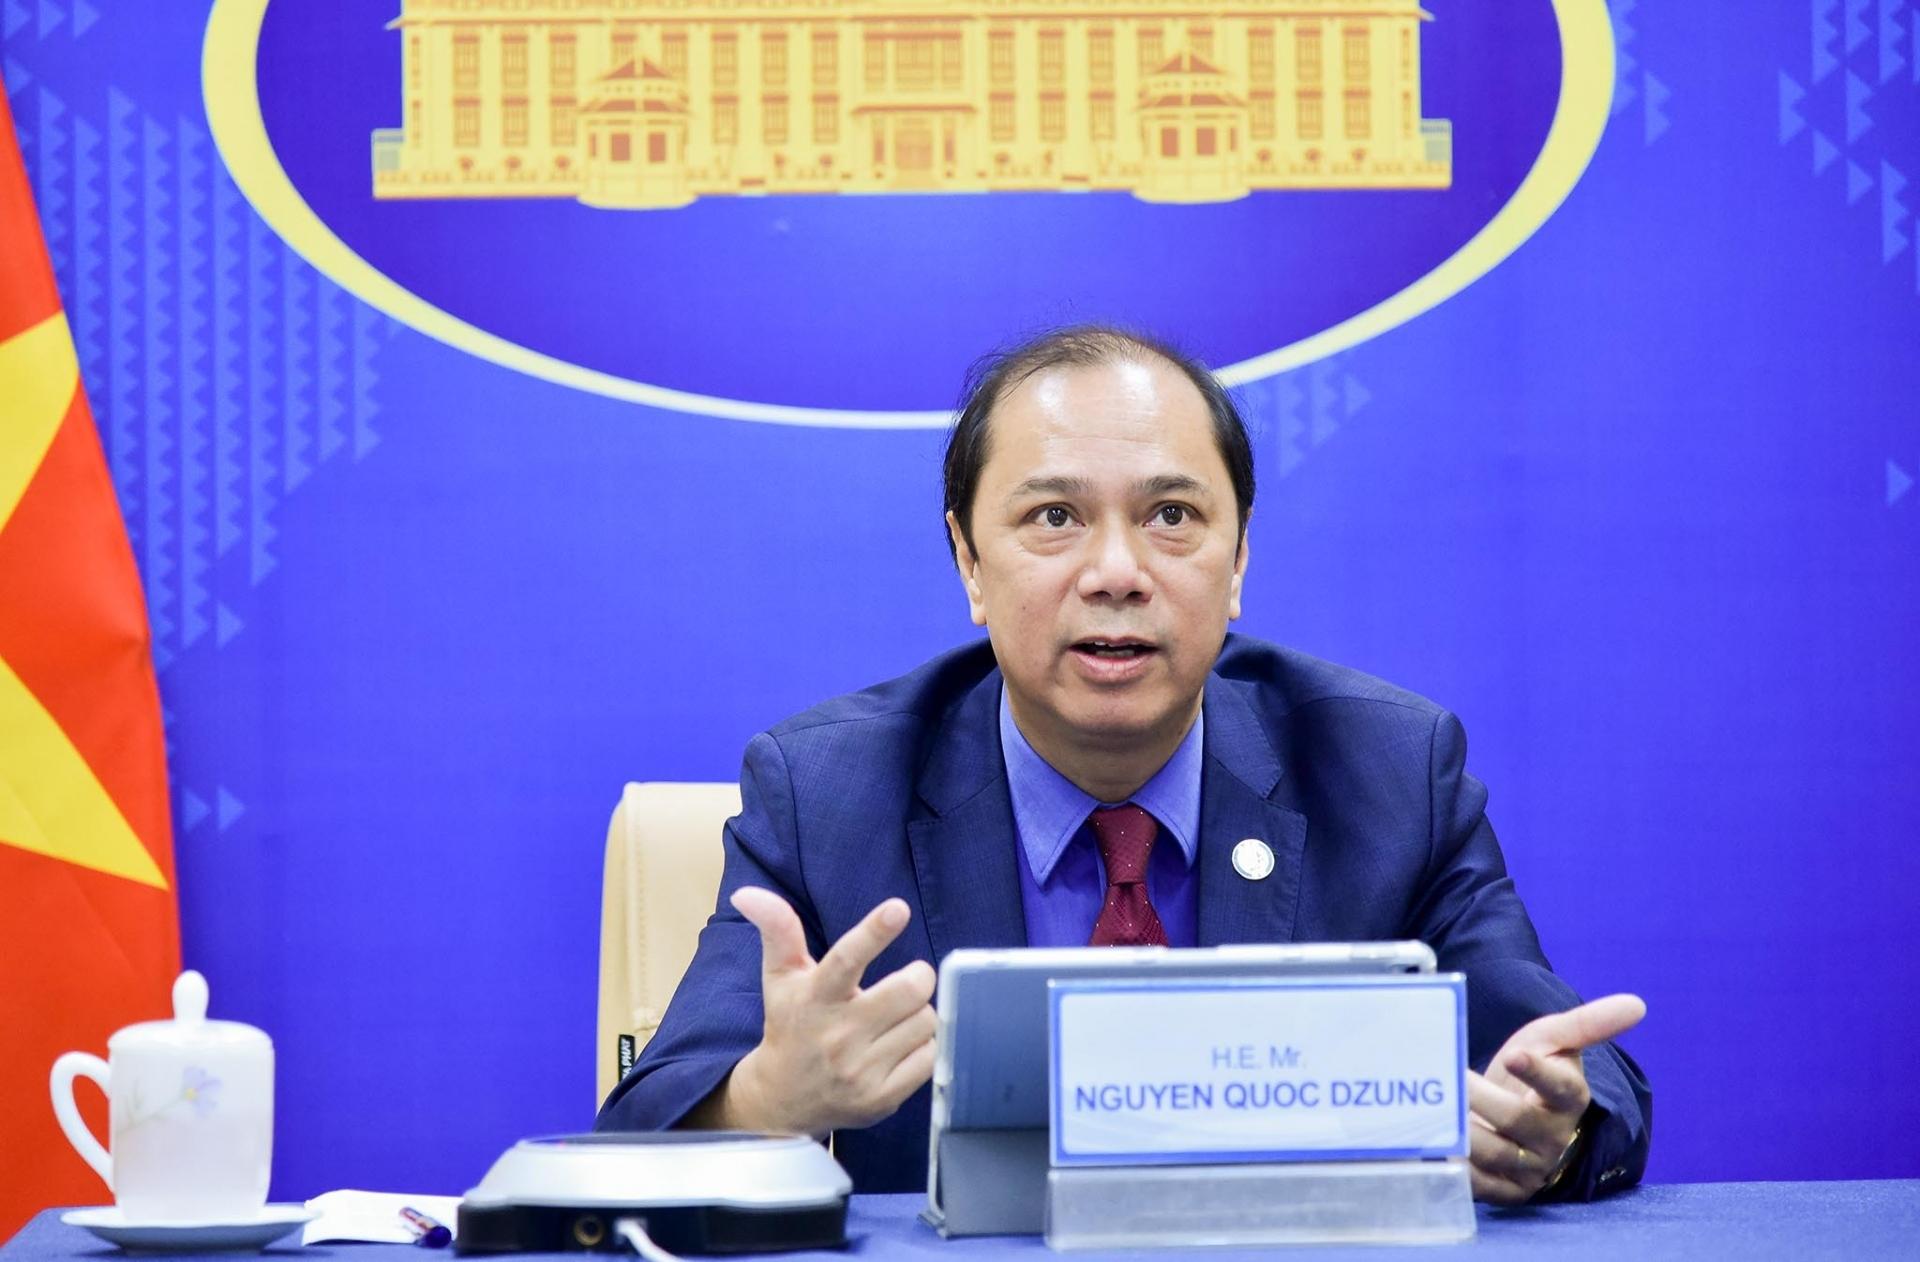 Việt Nam sẵn sàng hợp tác với Hoa Kỳ để khai thác hết tiềm năng quan hệ kinh tế